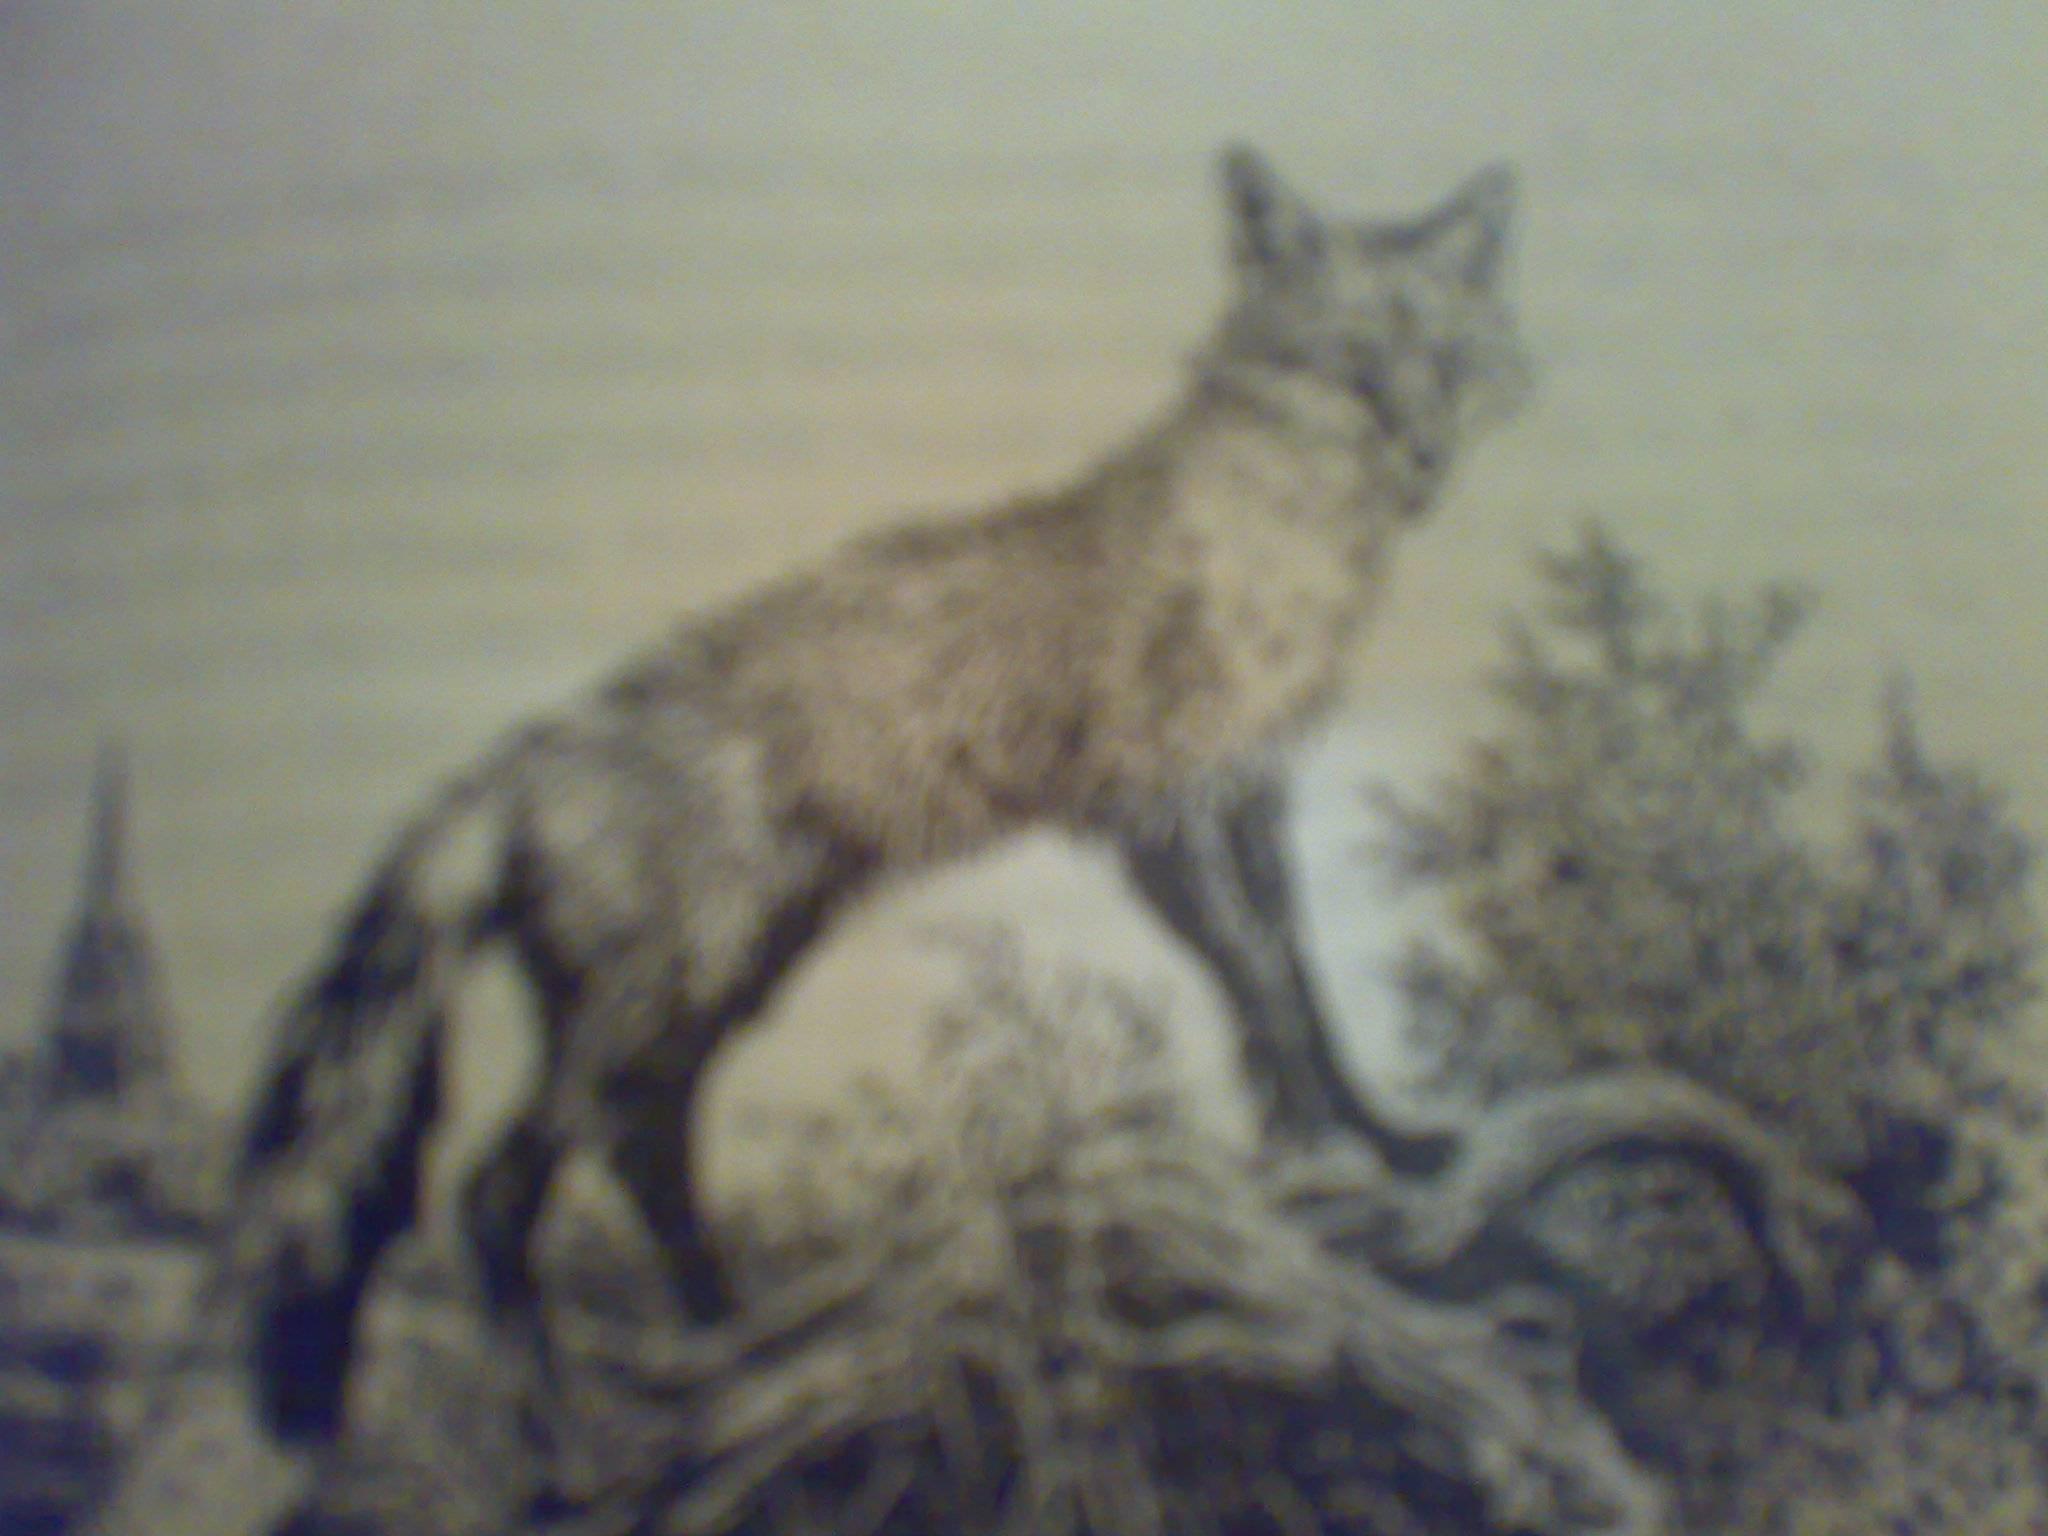 Иллюстрация 1 из 3 для Лунный зверь: Роман - Гарри Килворт   Лабиринт - книги. Источник: Юлия7